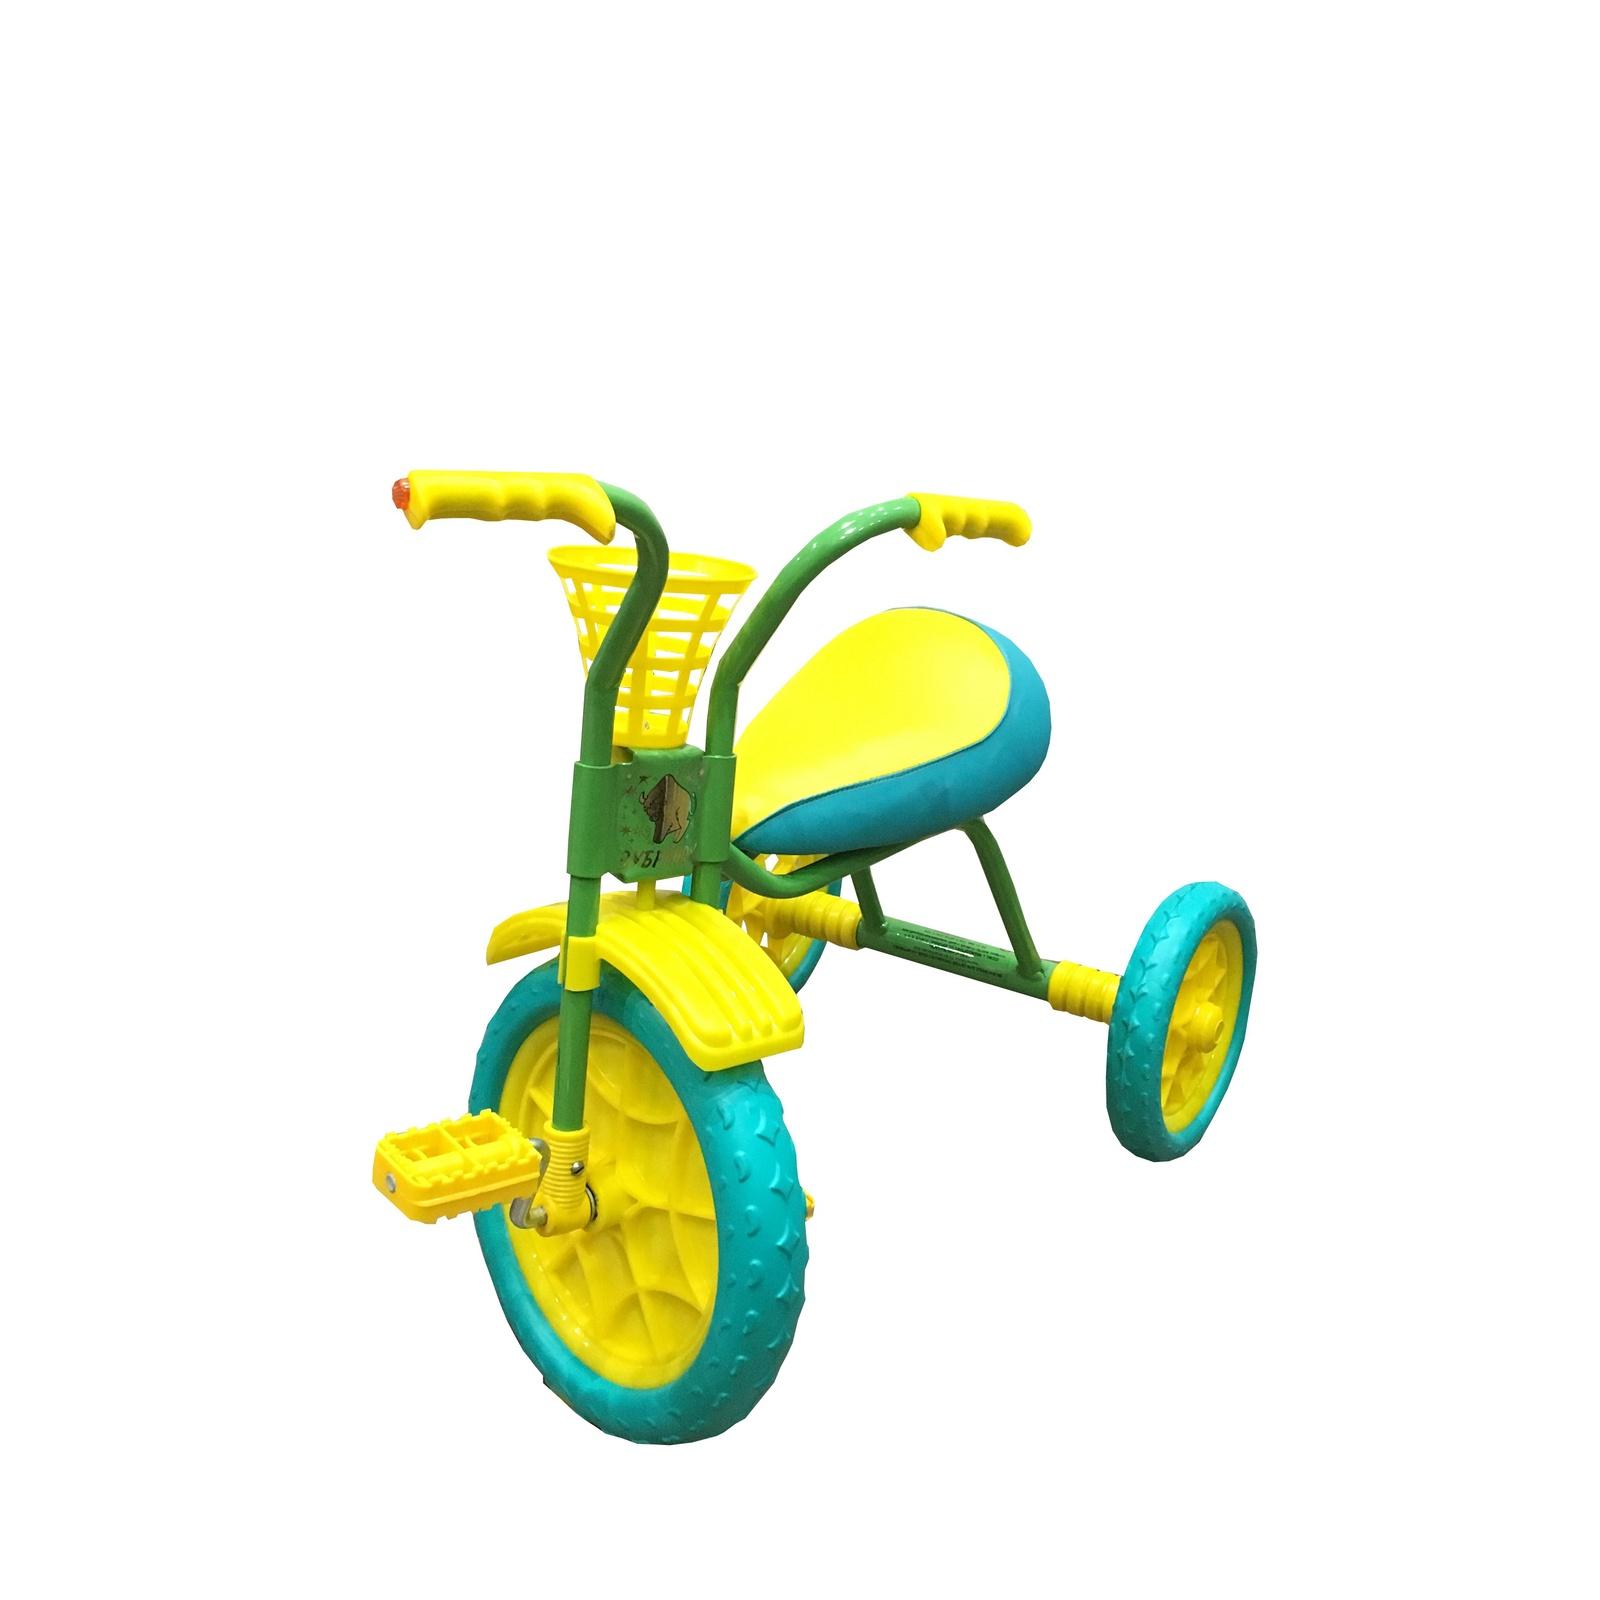 """Велосипед Woodlines Зубренок, светло-зеленыйЗубренок 5Легендарная модель с огромным количеством положительных отзывов. Прочный велосипед с большим передним колесом становится первым транспортом с помощью которого ребёнок быстро и легко учится ездить самостоятельно. За счёт особого положения ручек и педалей эта модель помогает ребёнку сформировать правильную осанку во время езды, а также вносит огромный вклад в его физическое развитие. """"Зубренок"""" оборудован мягким ортопедическим сиденьем и массажными педалями. Велосипед очень лёгкий и манёвренный, дети его используют круглый год - на улице и дома. Велосипед занимает мало места, весит всего 4.4 кг, легко транспортировать и даже переносить в руках. Безупречное заводское качество проверенное десятилетиями."""